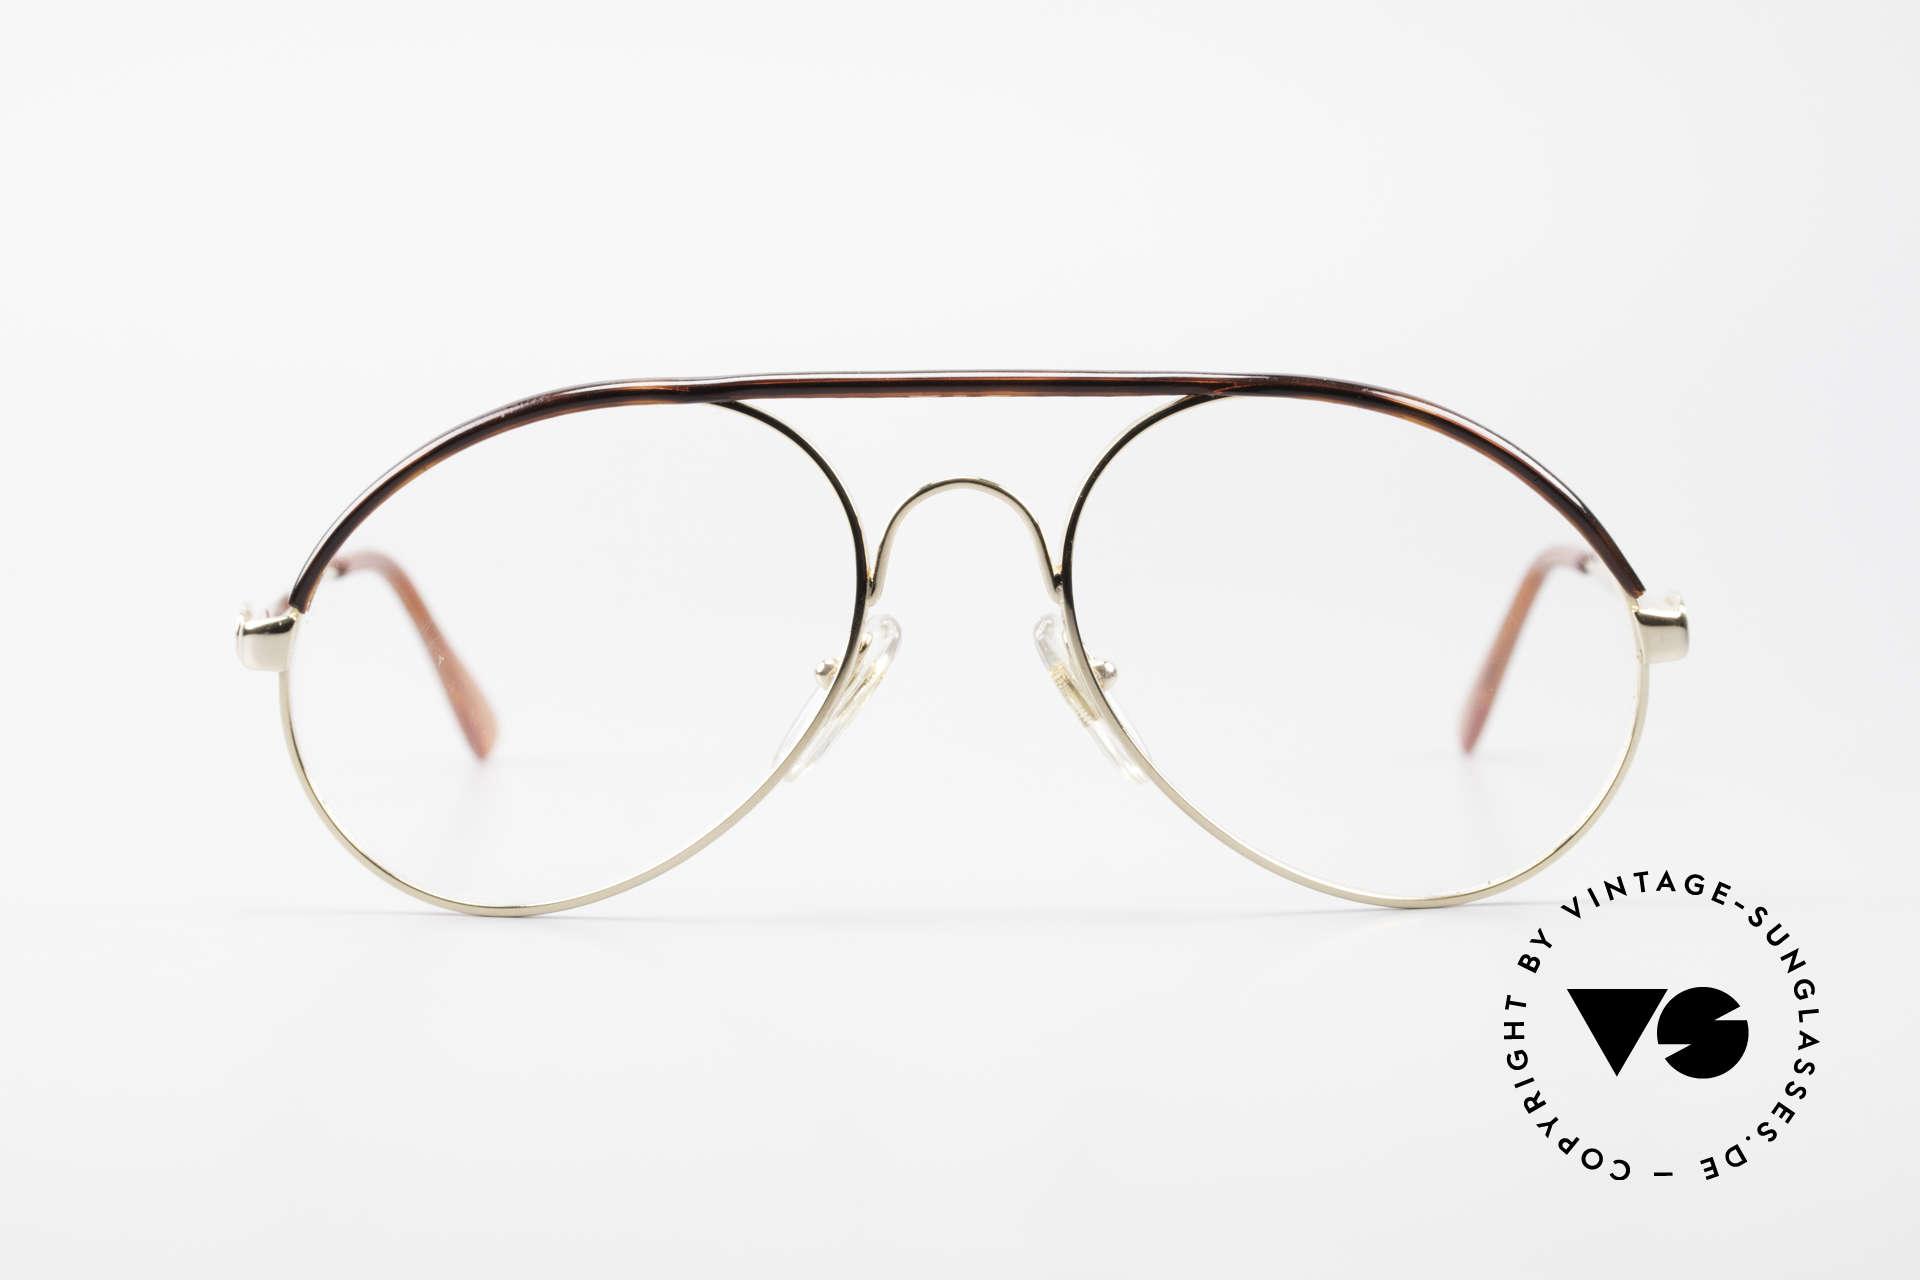 Bugatti 65986 80er Herren Brille Vergoldet, in typischer / legendärer Bugatti-Tropfenform, Passend für Herren